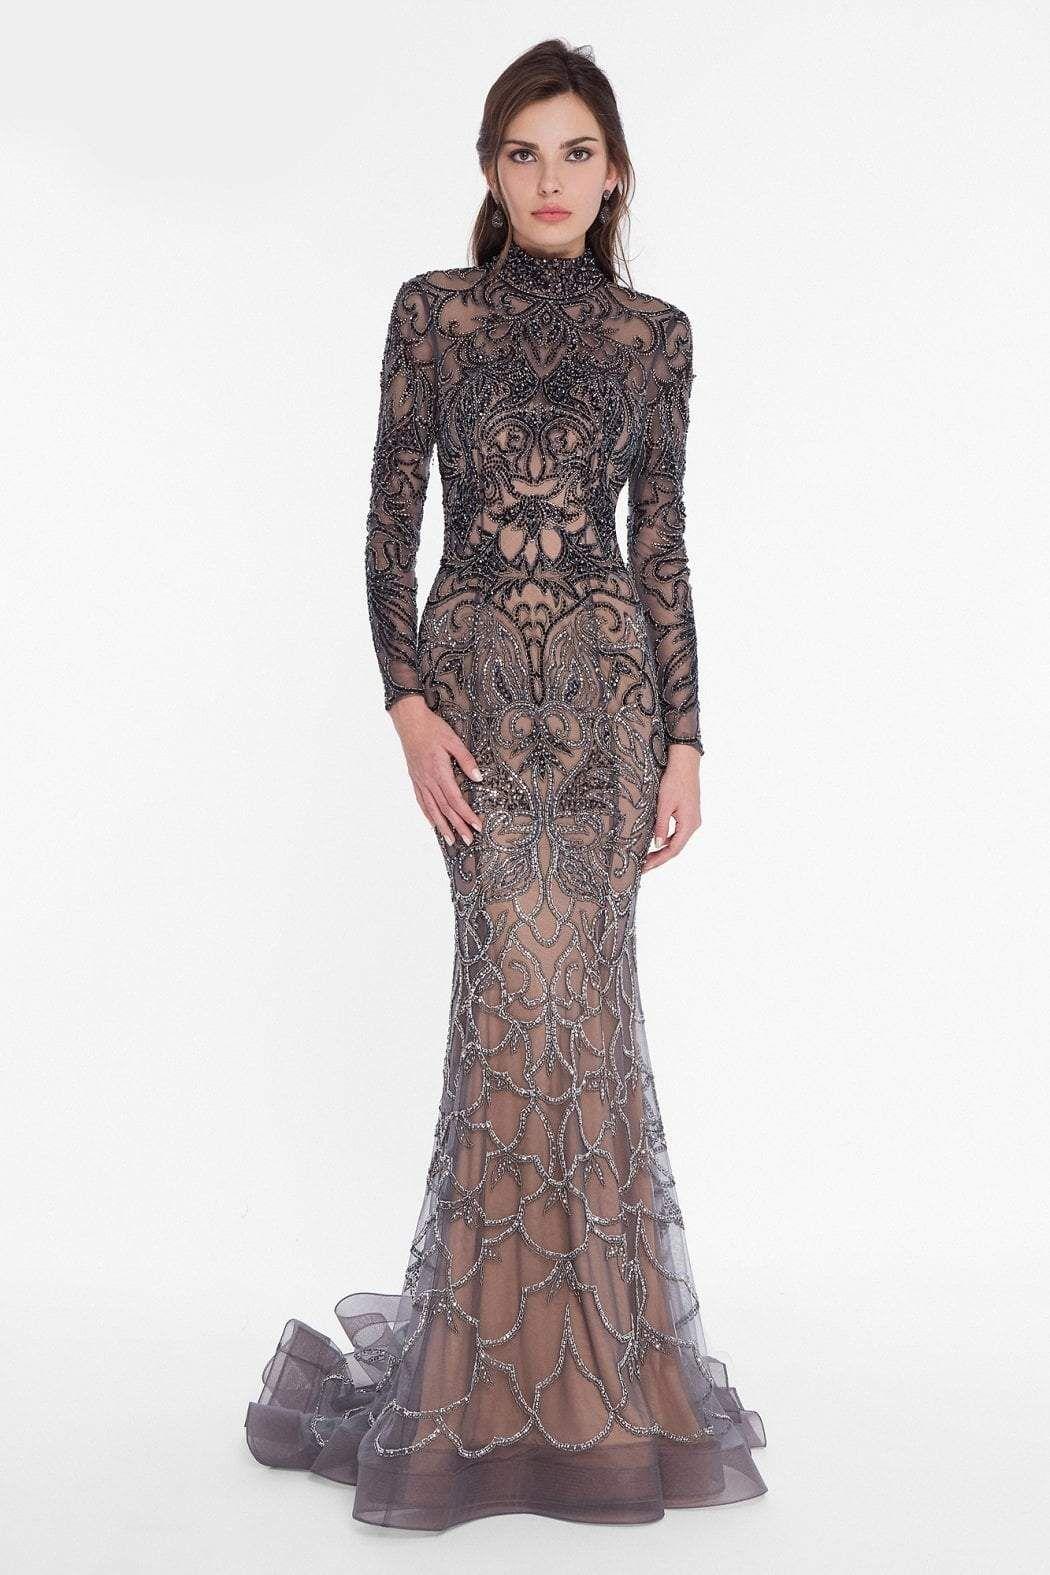 noch nicht vulgär neuesten Stil von 2019 Kostenloser Versand Terani Couture Long-Sleeved Rich Beaded Evening Gown | Langärmlige ...